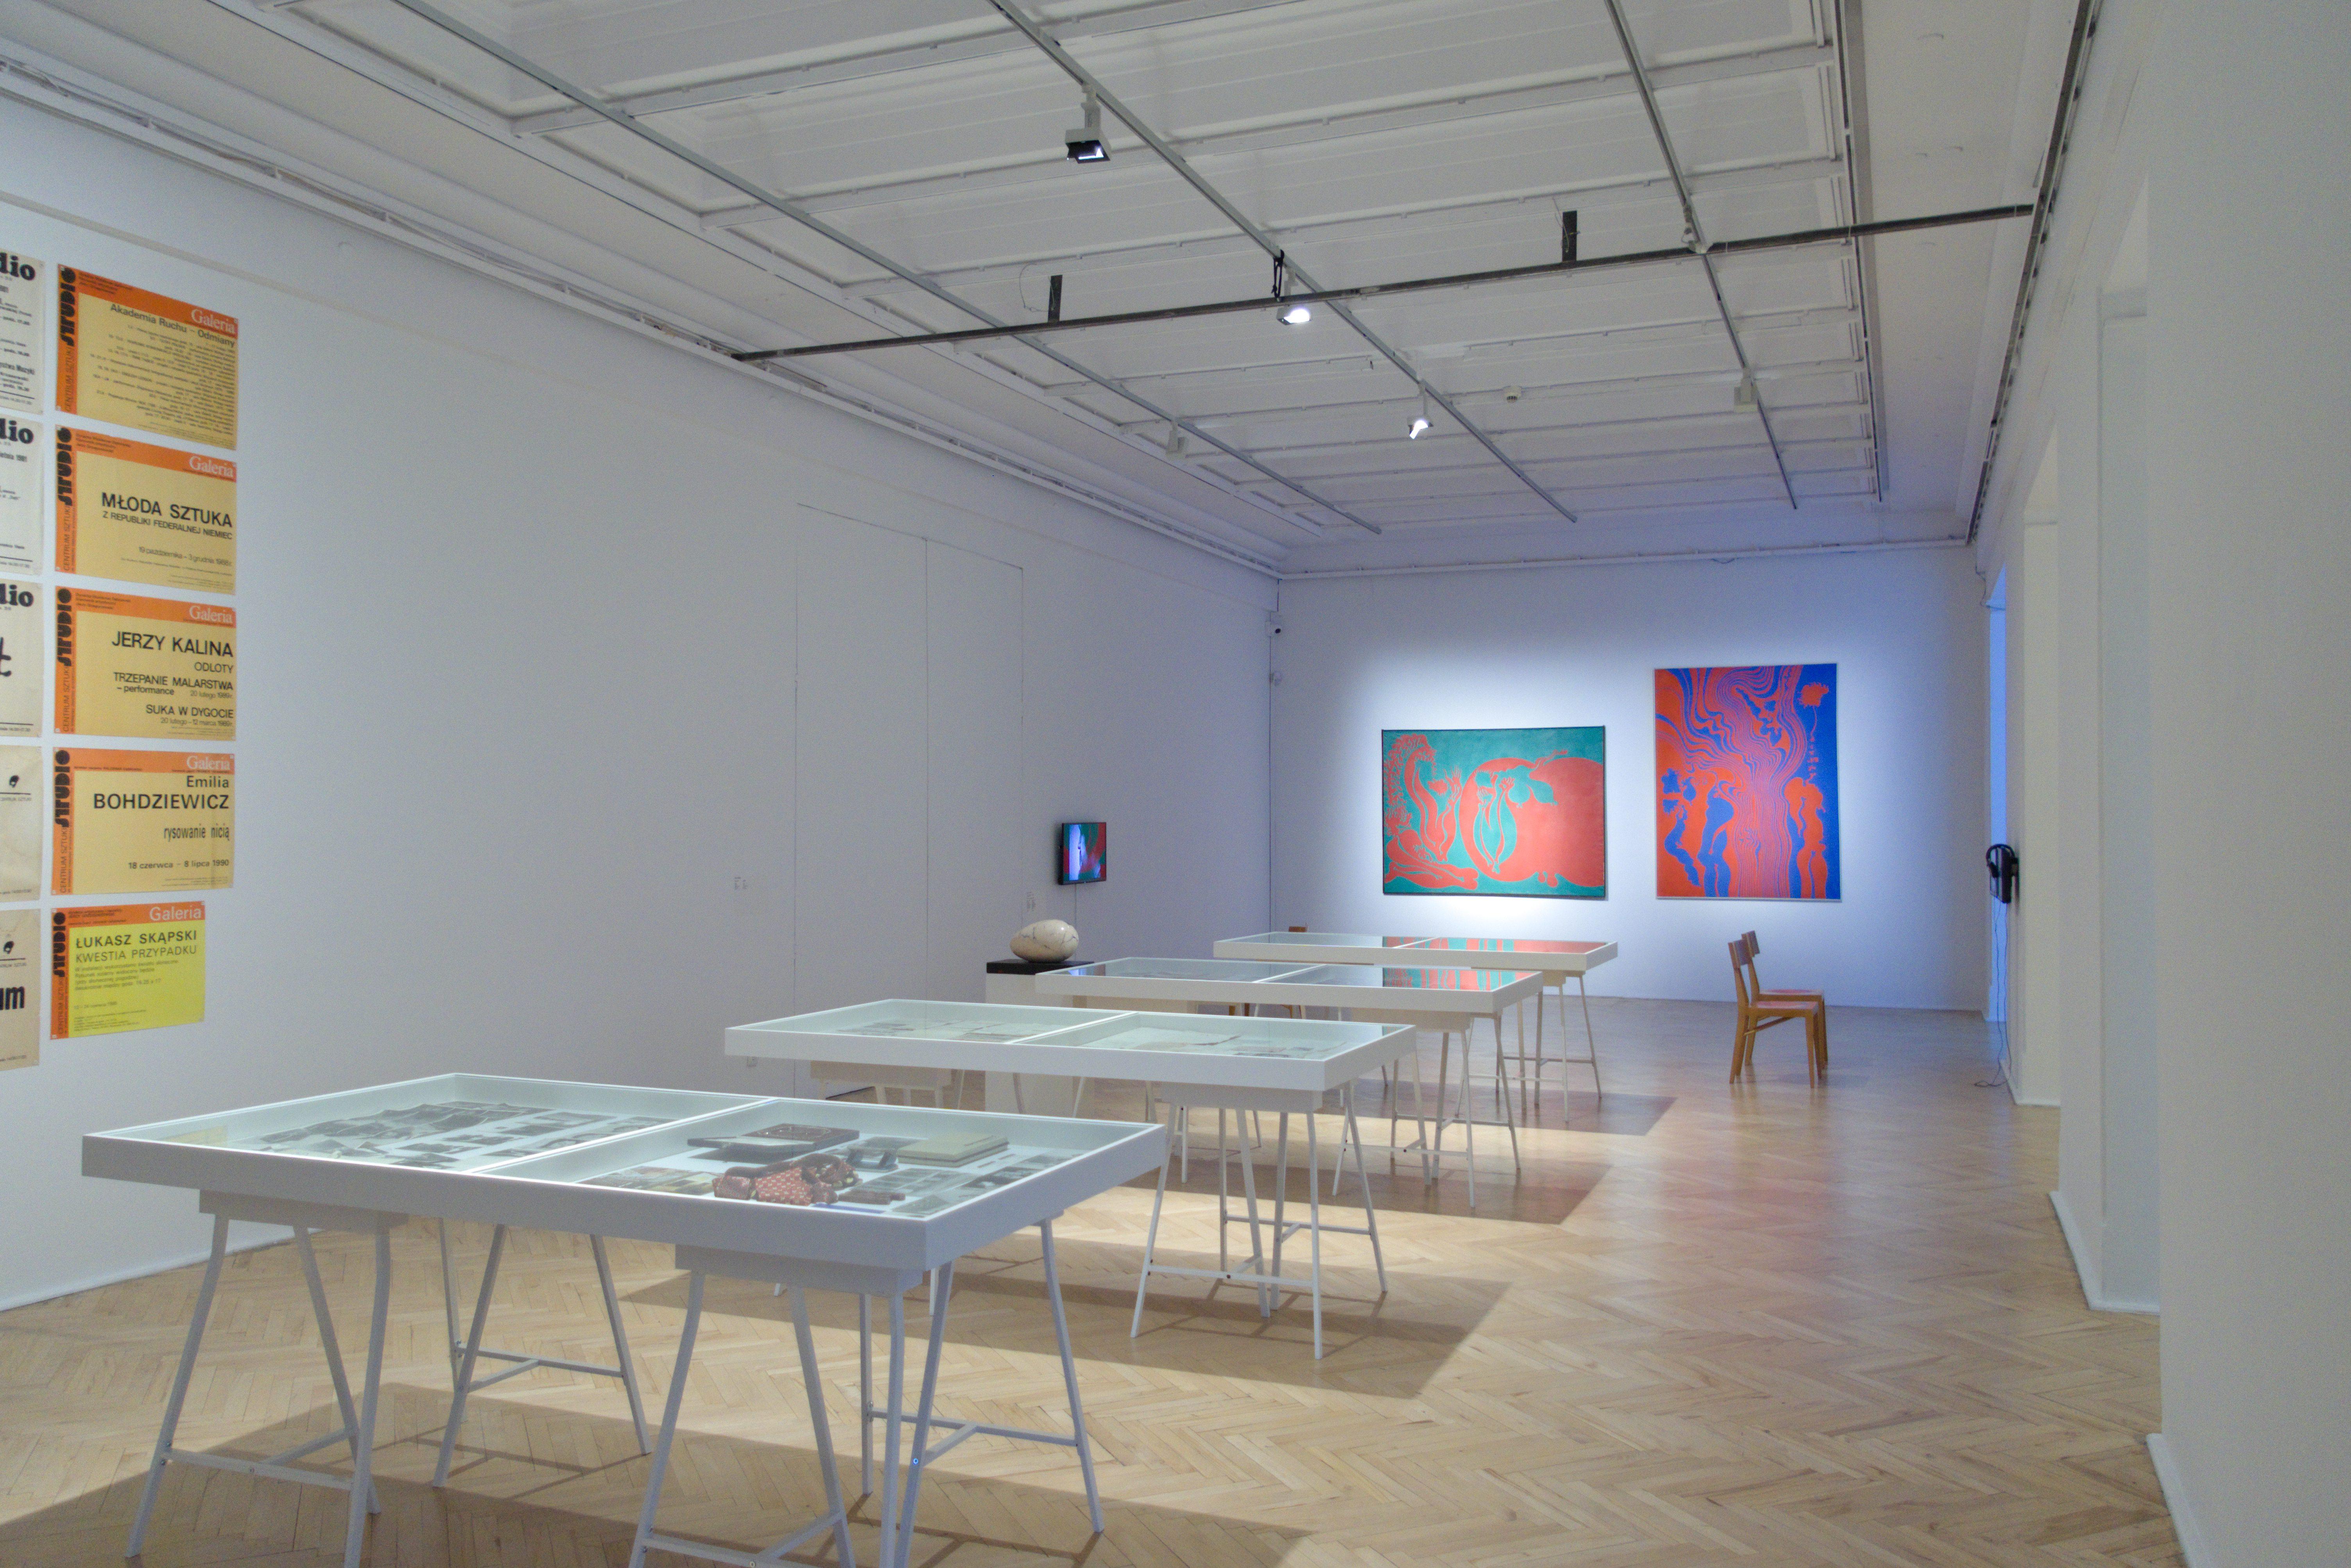 Widok wystawy kolekcji Galerii Studio, w głębi prace Jana Dobkowskiego.